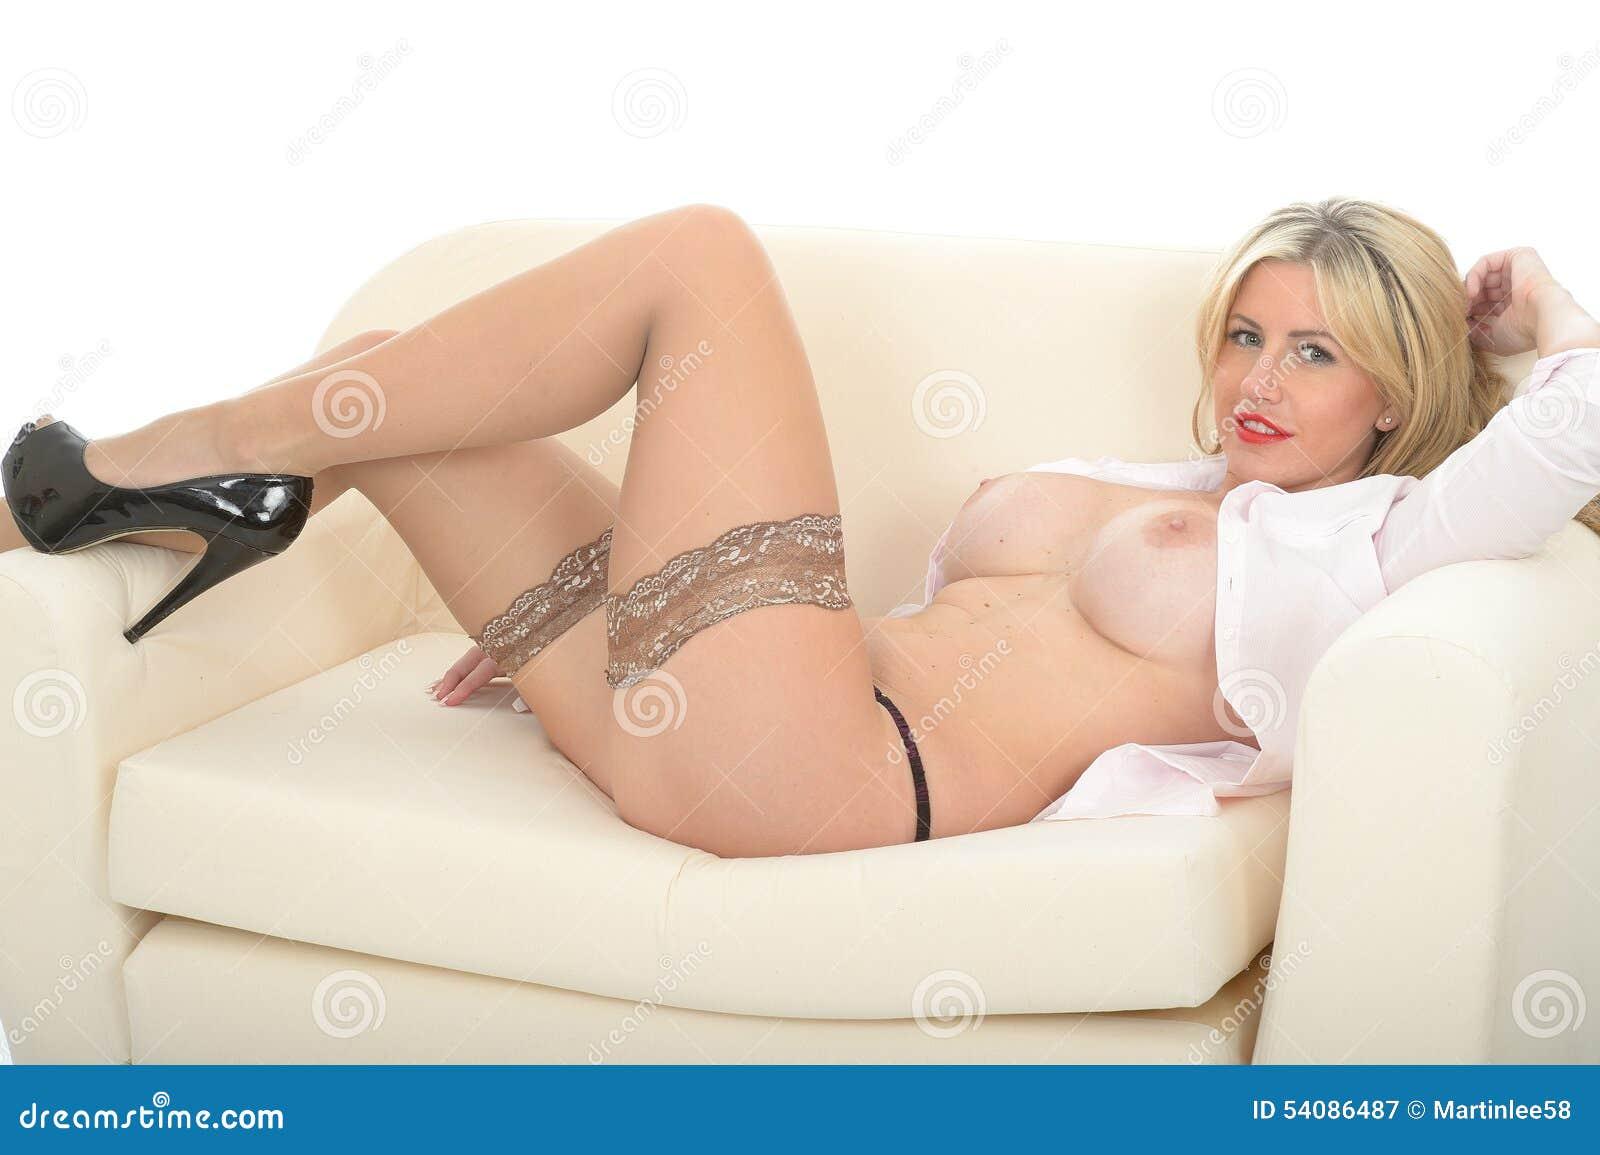 Mooi Sexy Wellustig Betoverend Aantrekkelijk Jong Blonde Pin Up Model Posing Topless op Bank